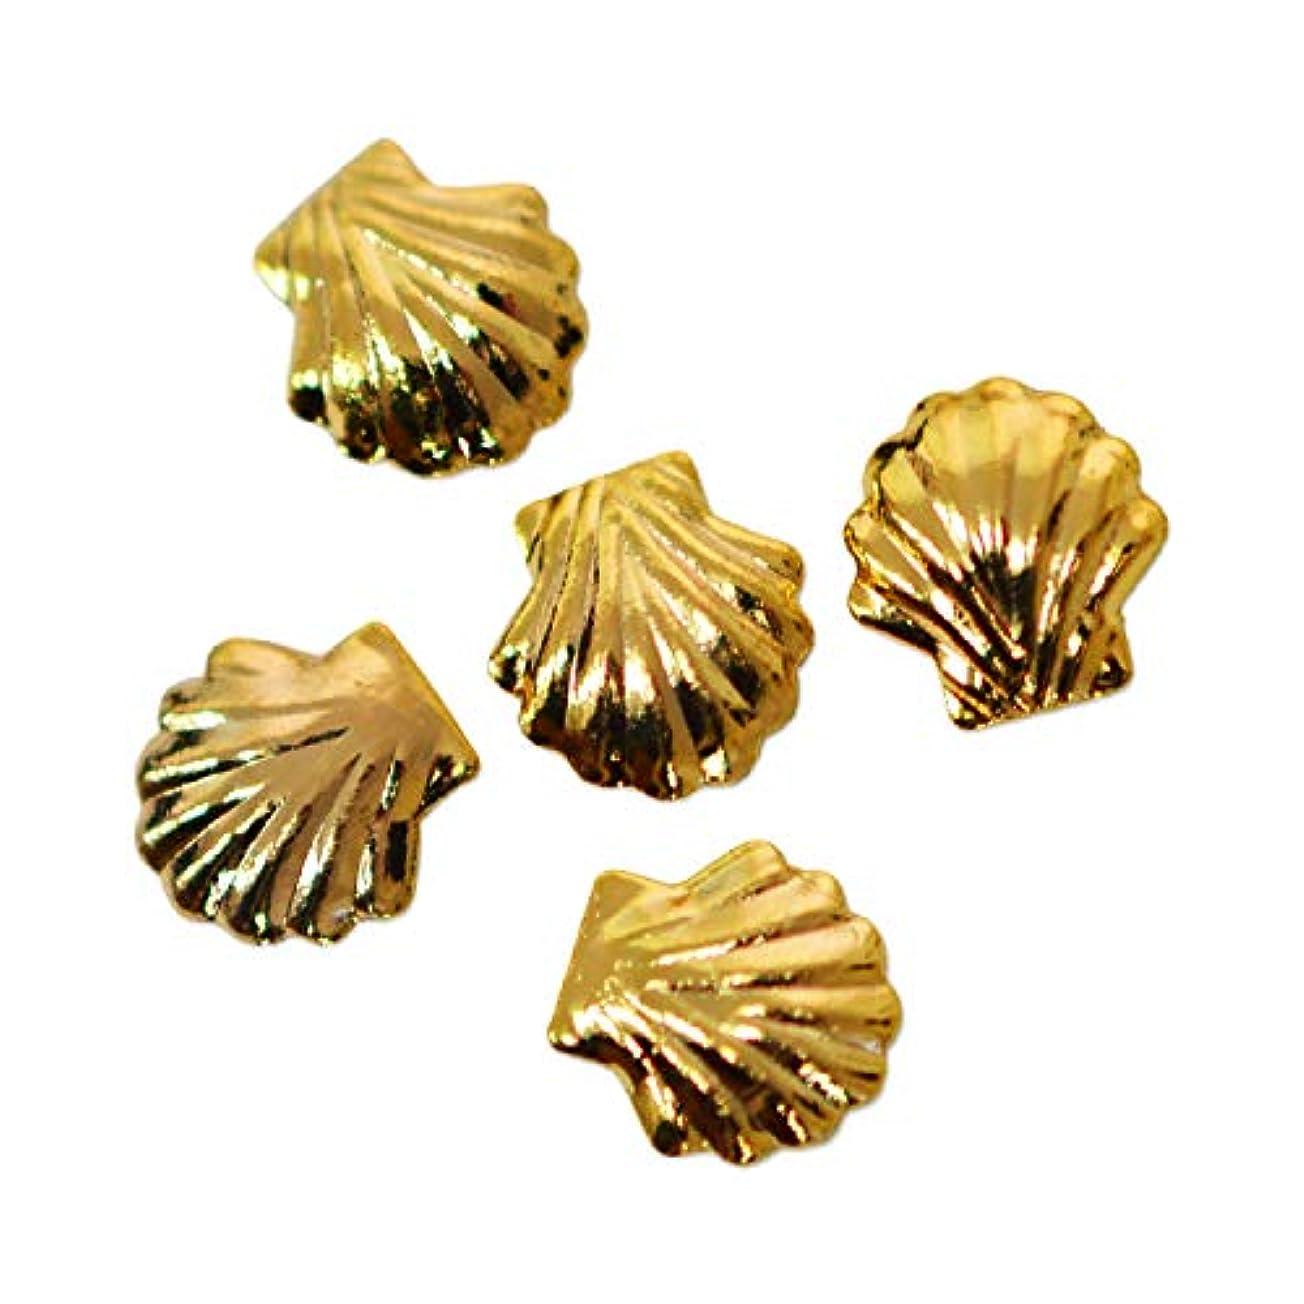 放射性神経物思いにふけるメタルパーツ シェル ゴールド 5ミリ 30粒 ネイルパーツ 貝殻 メタルシェル シェルメタル gold